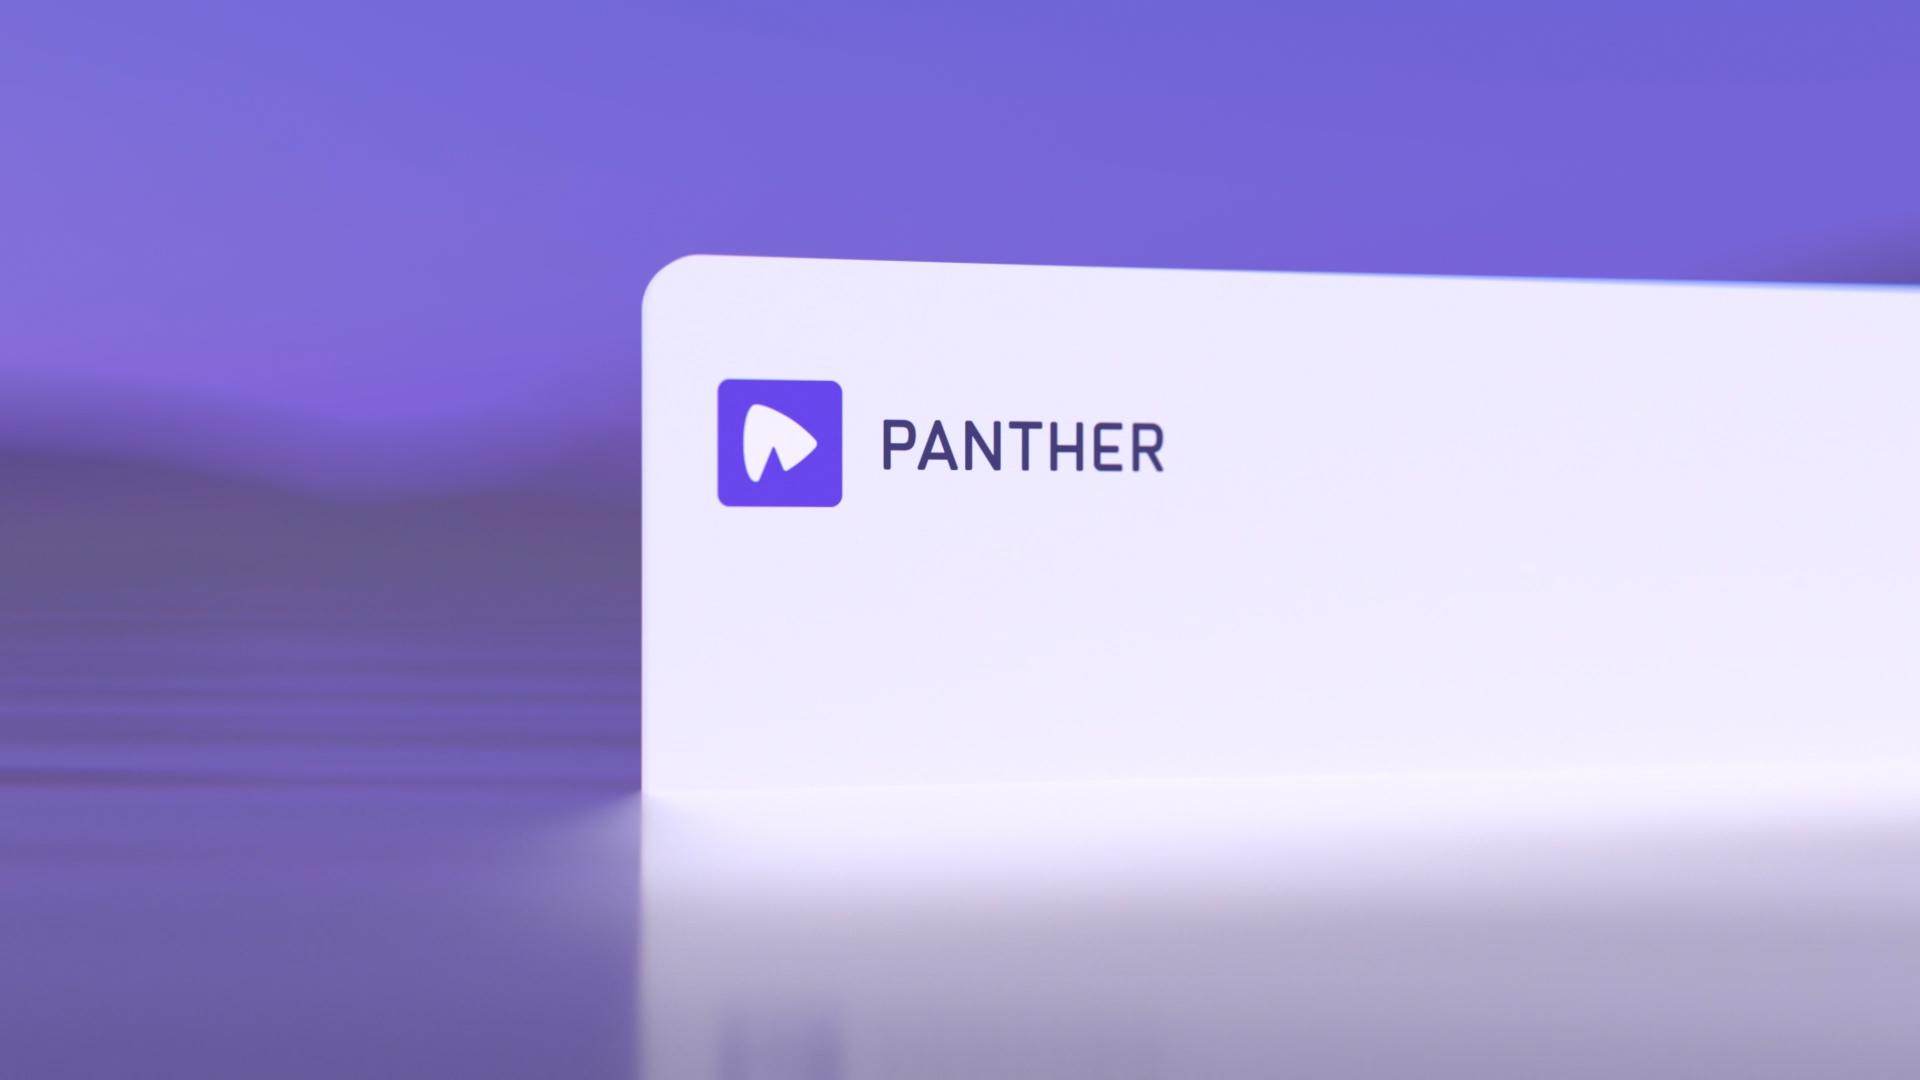 panther-02